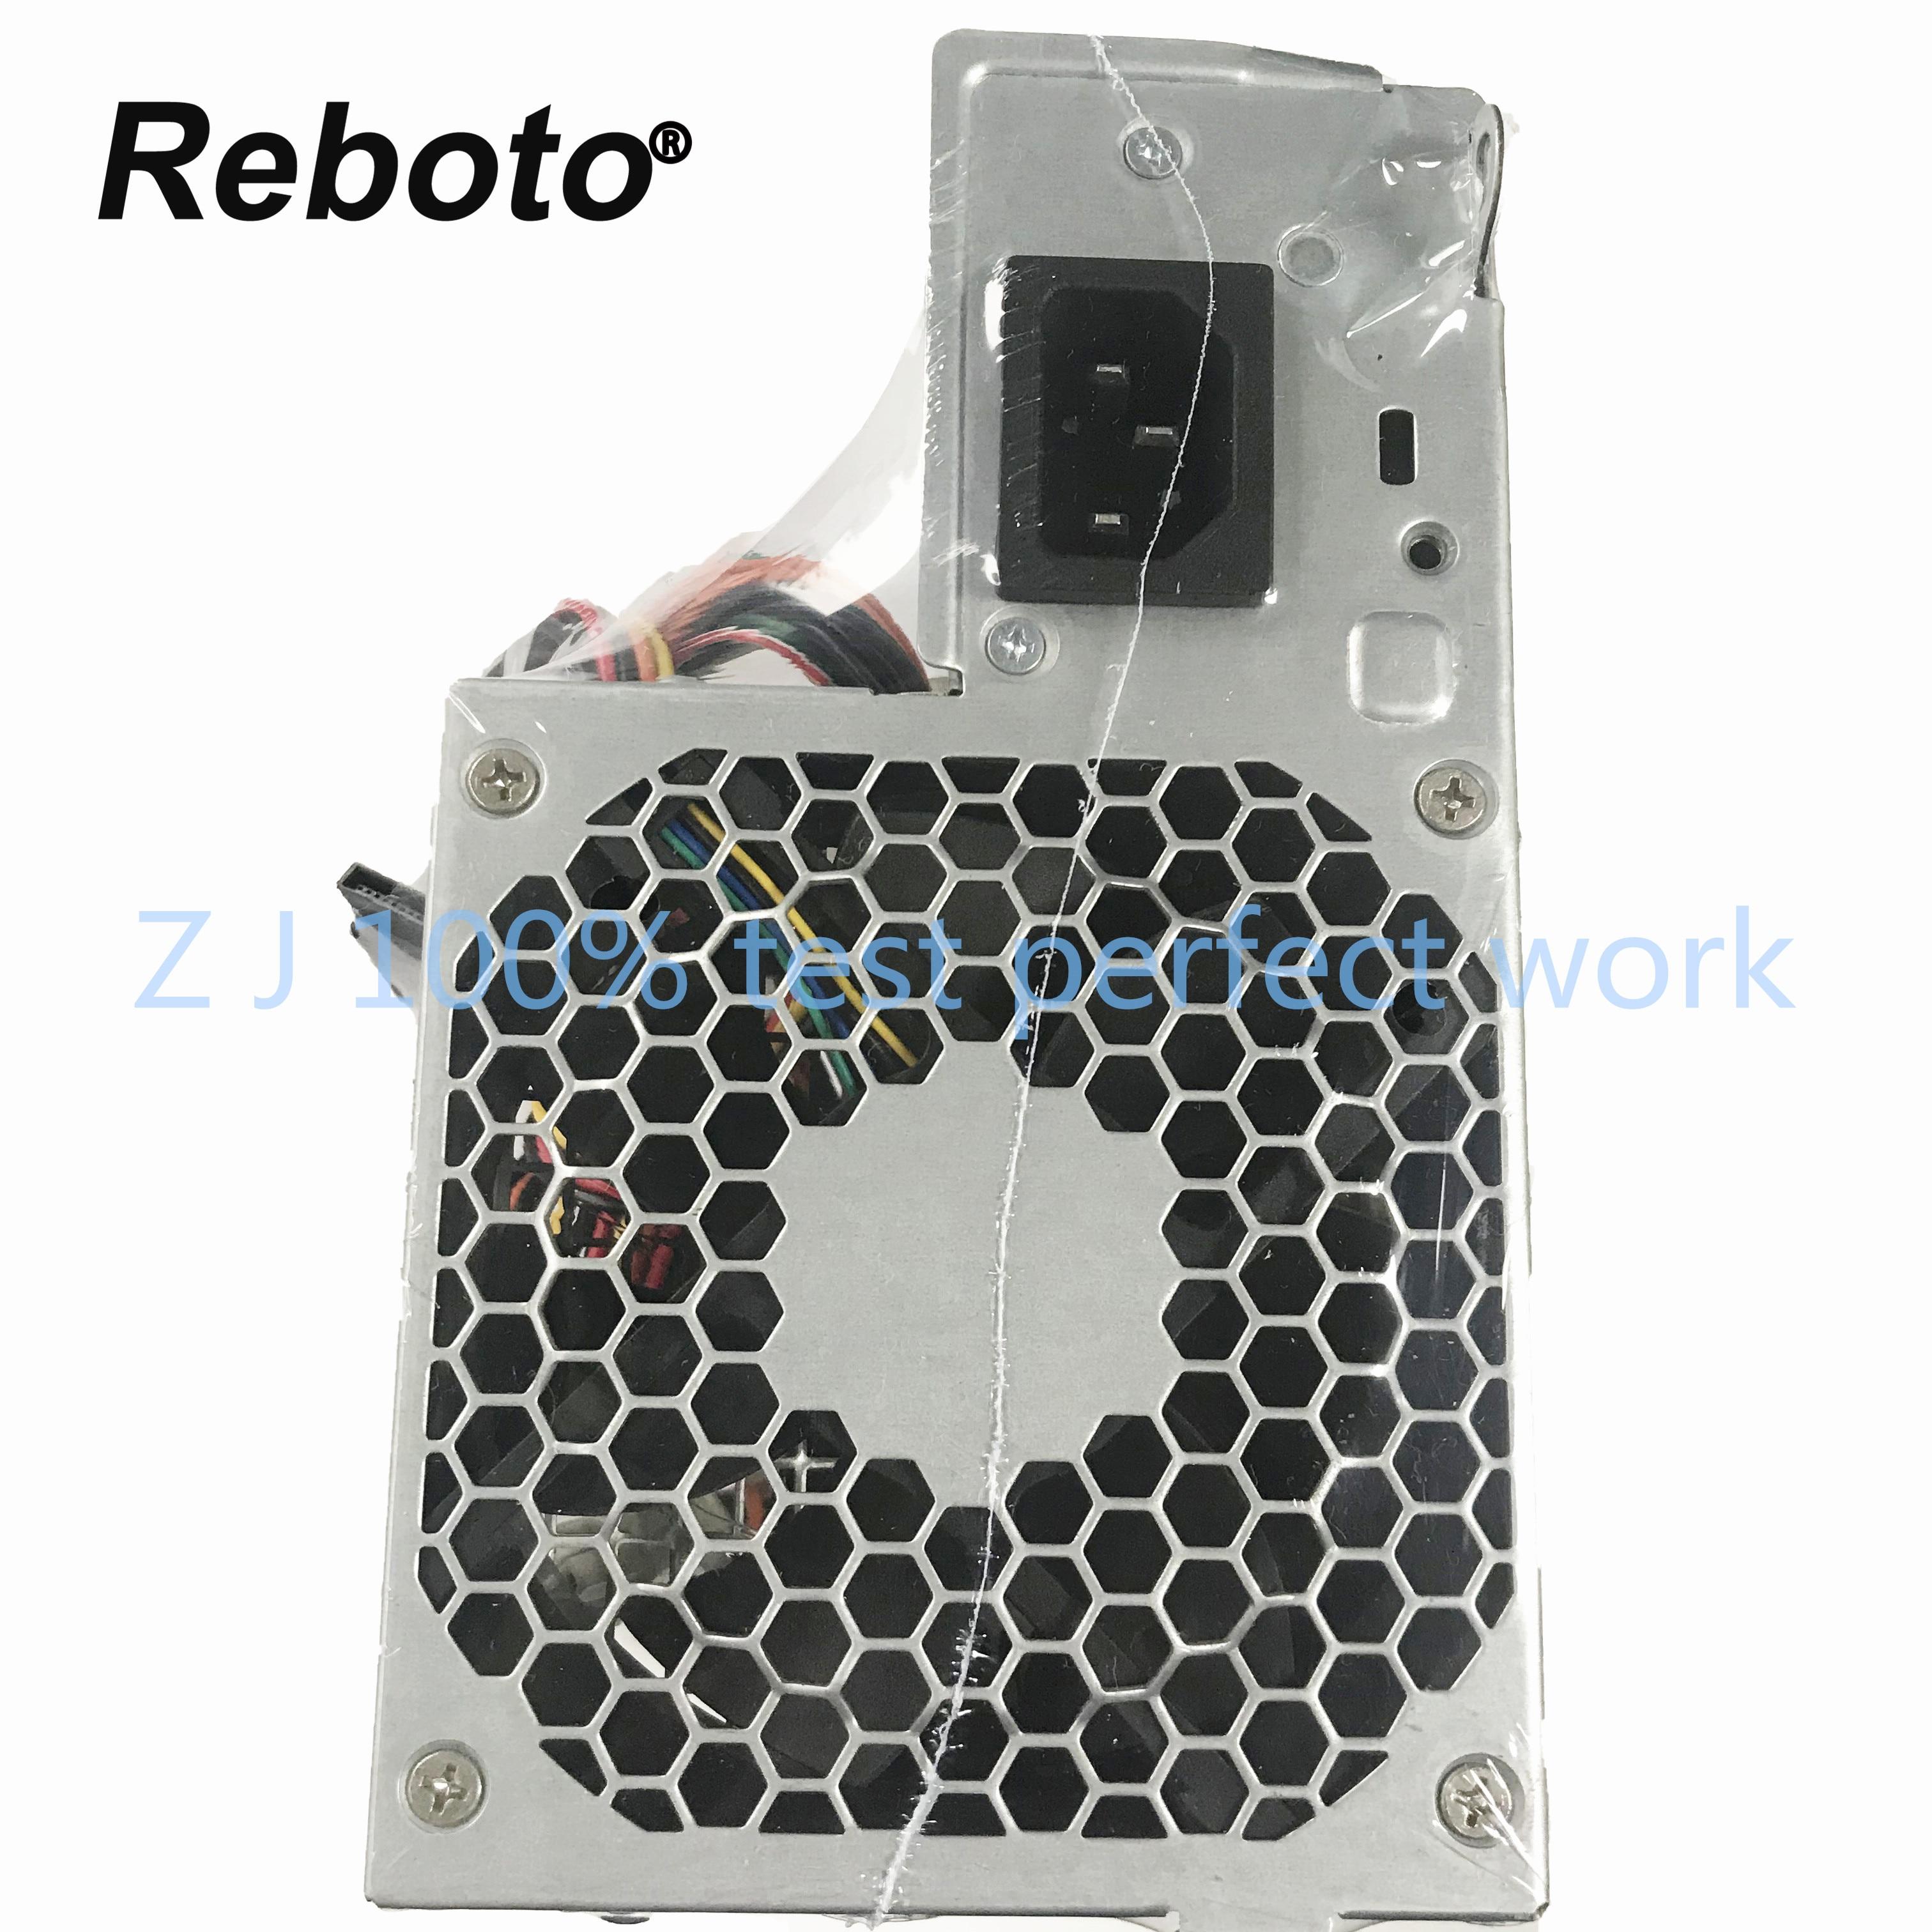 Original para HP DC7900 DC5800 DC5850 SFF 5850 7900 240W fuente de alimentación PS-6241-7 455324-001 460888-001 100% probado, envío rápido